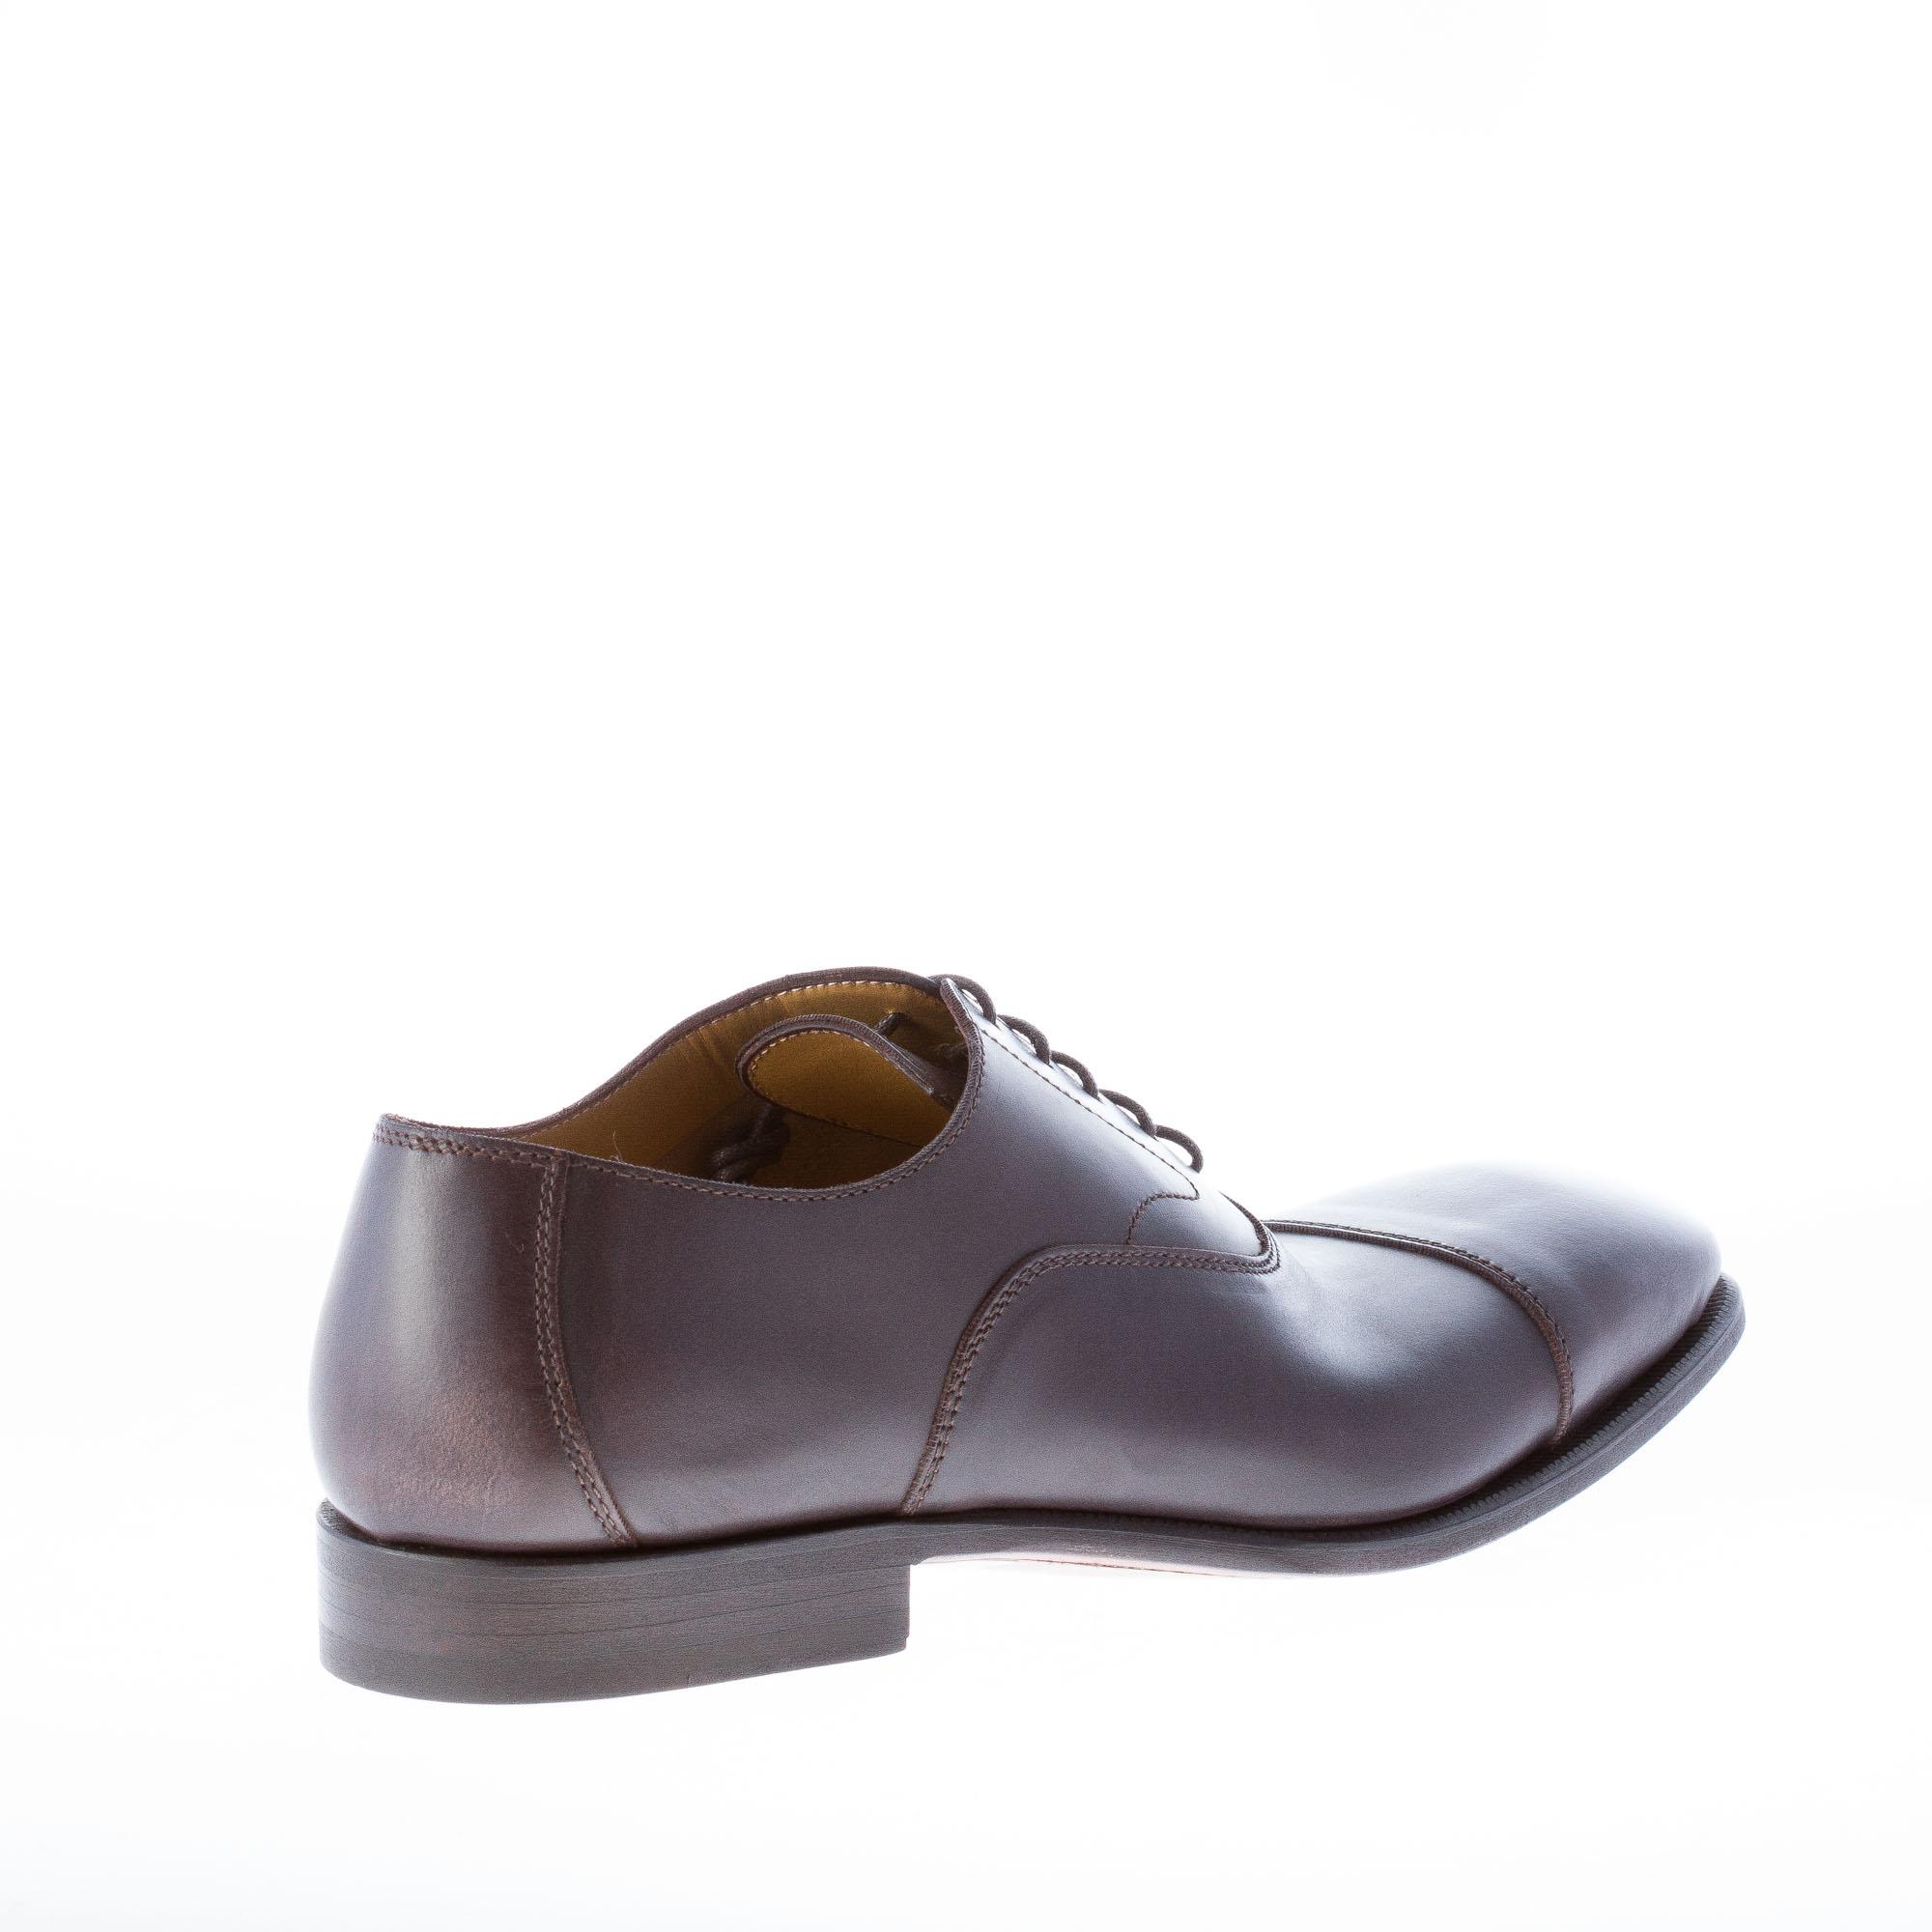 Dettagli su MIGLIORE scarpe uomo men shoes francesina in pelle testa di moro con puntale